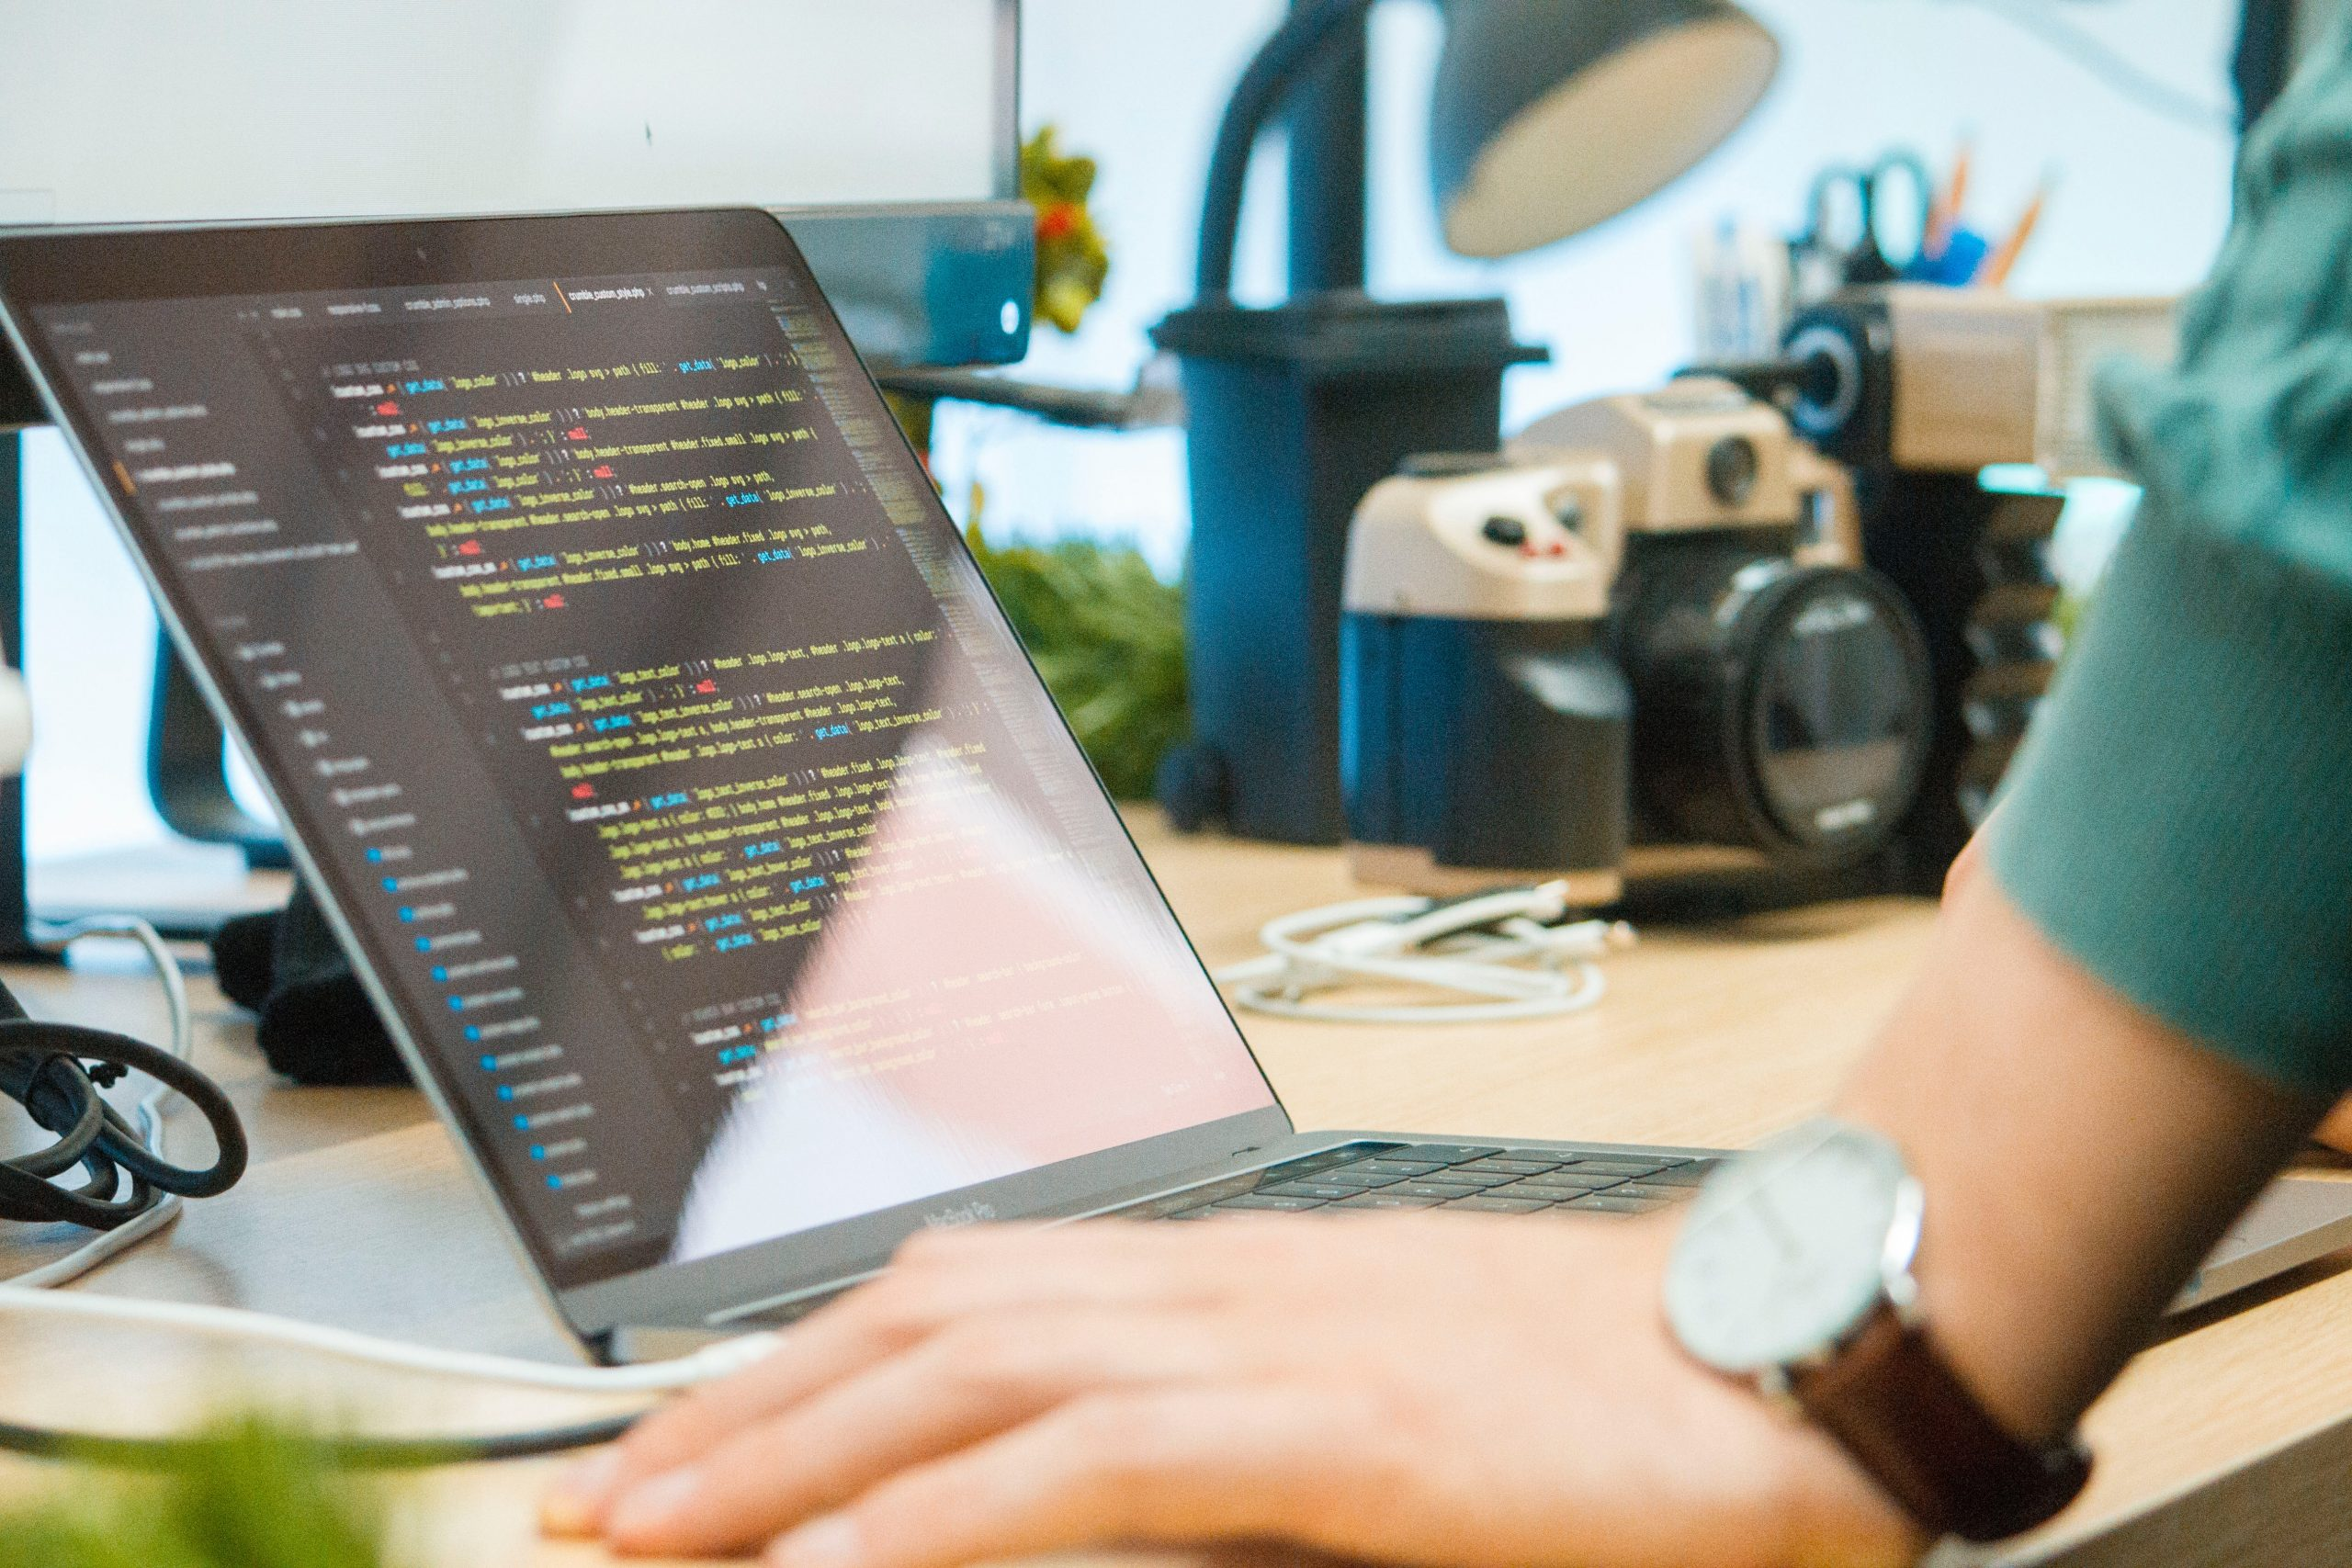 كيفية مواكبة التقنيات الجديدة فى البرمجة - الباشمبرمج